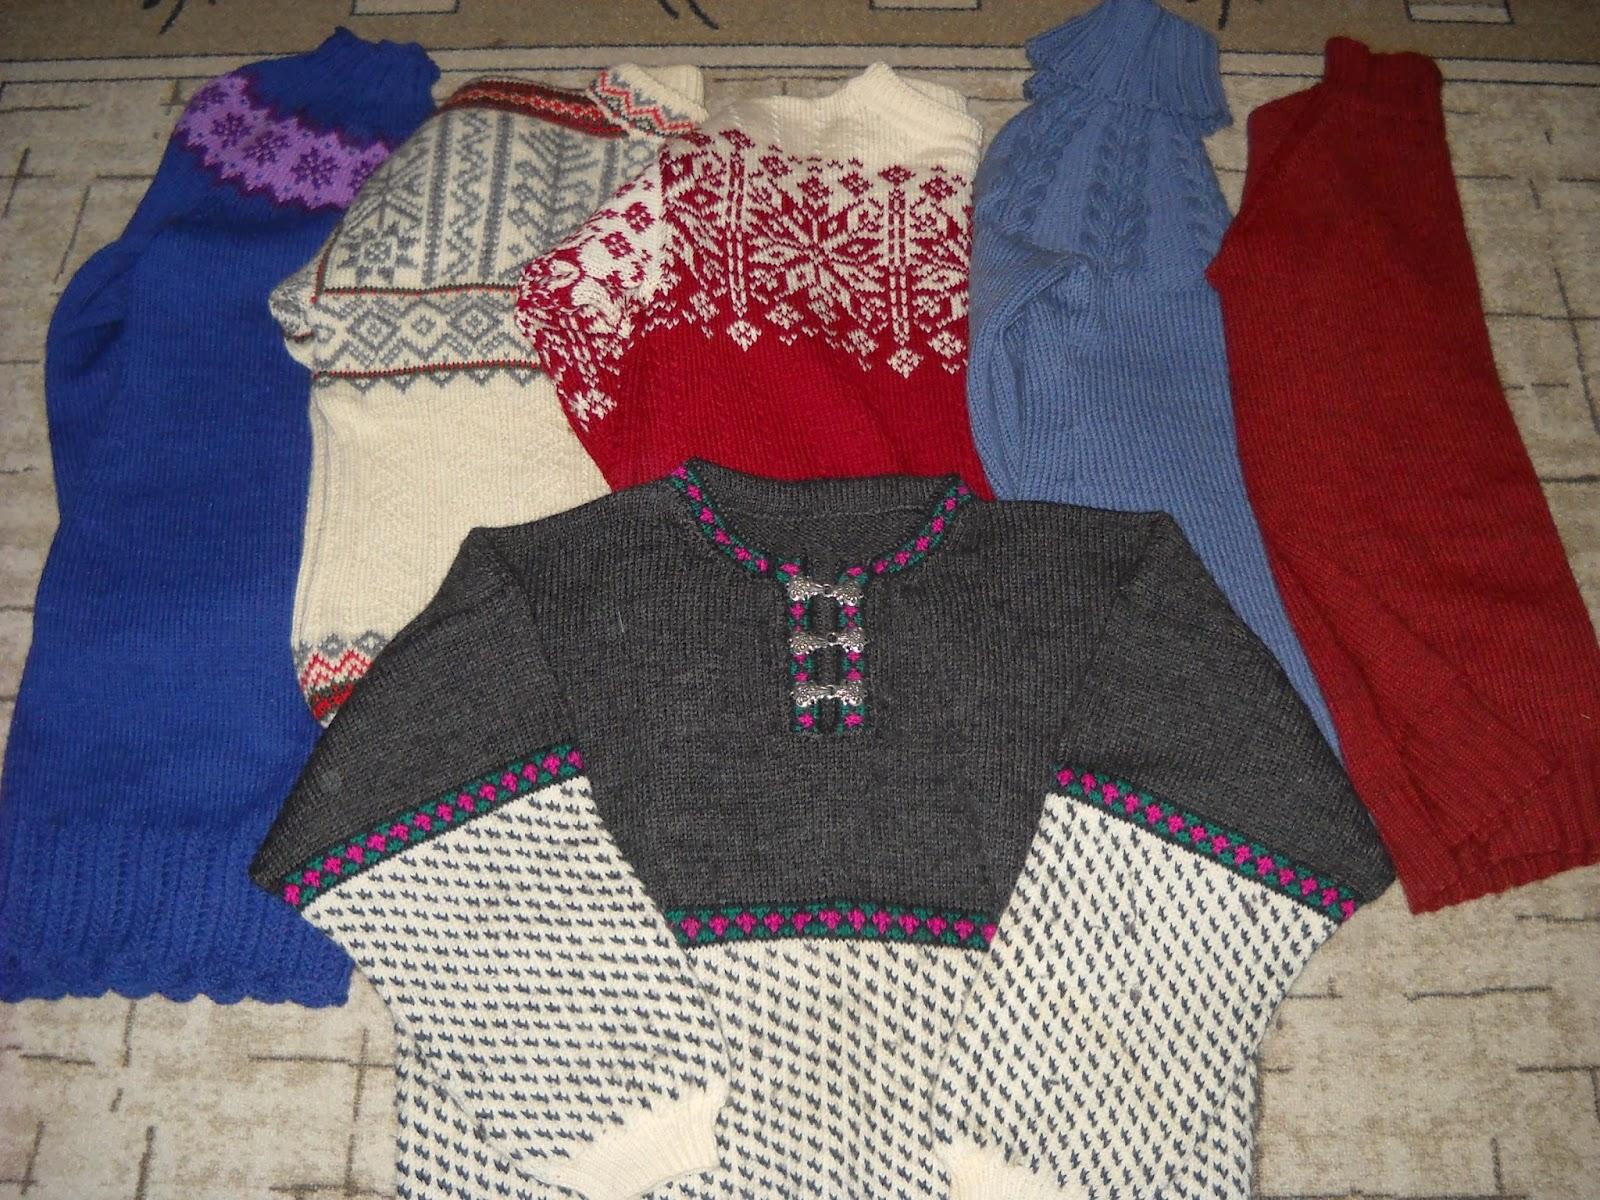 097f2603 Genseren i front er den aller første store genseren jeg strikket og det var  enten sommeren jeg fylte 16 eller 17 år (litt usikker her).